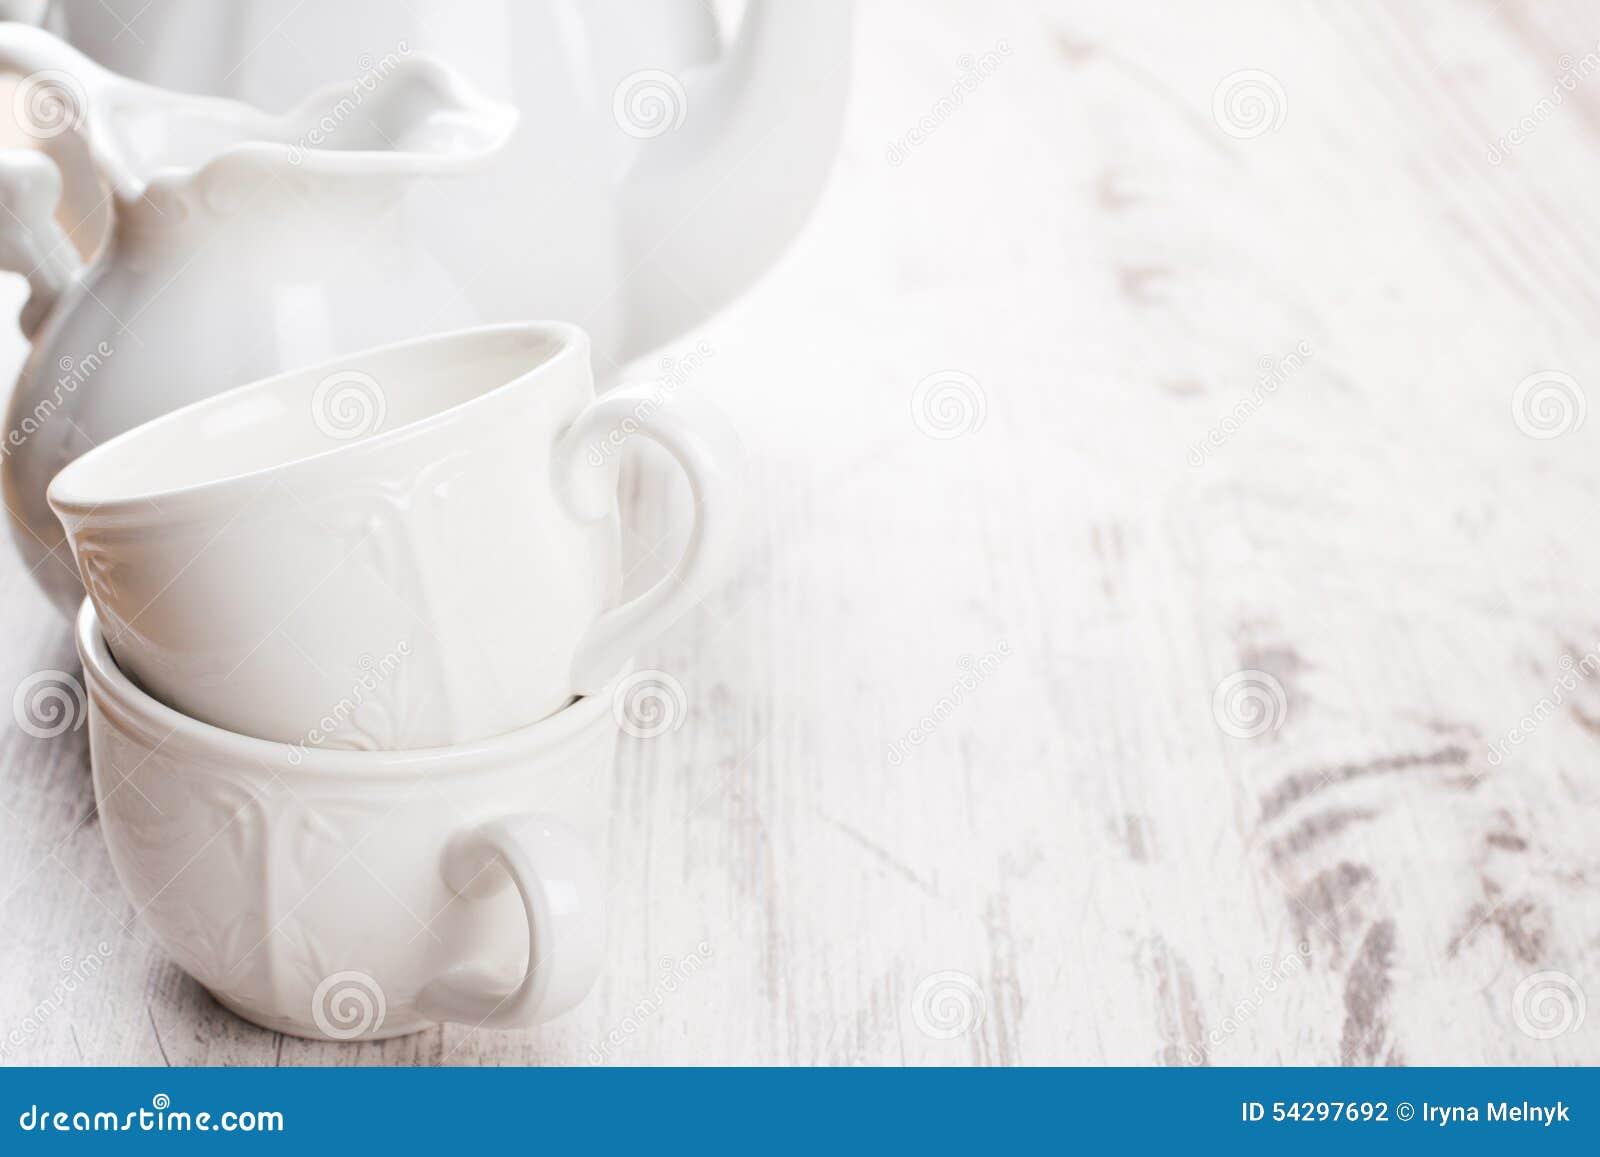 Loza blanca para el té